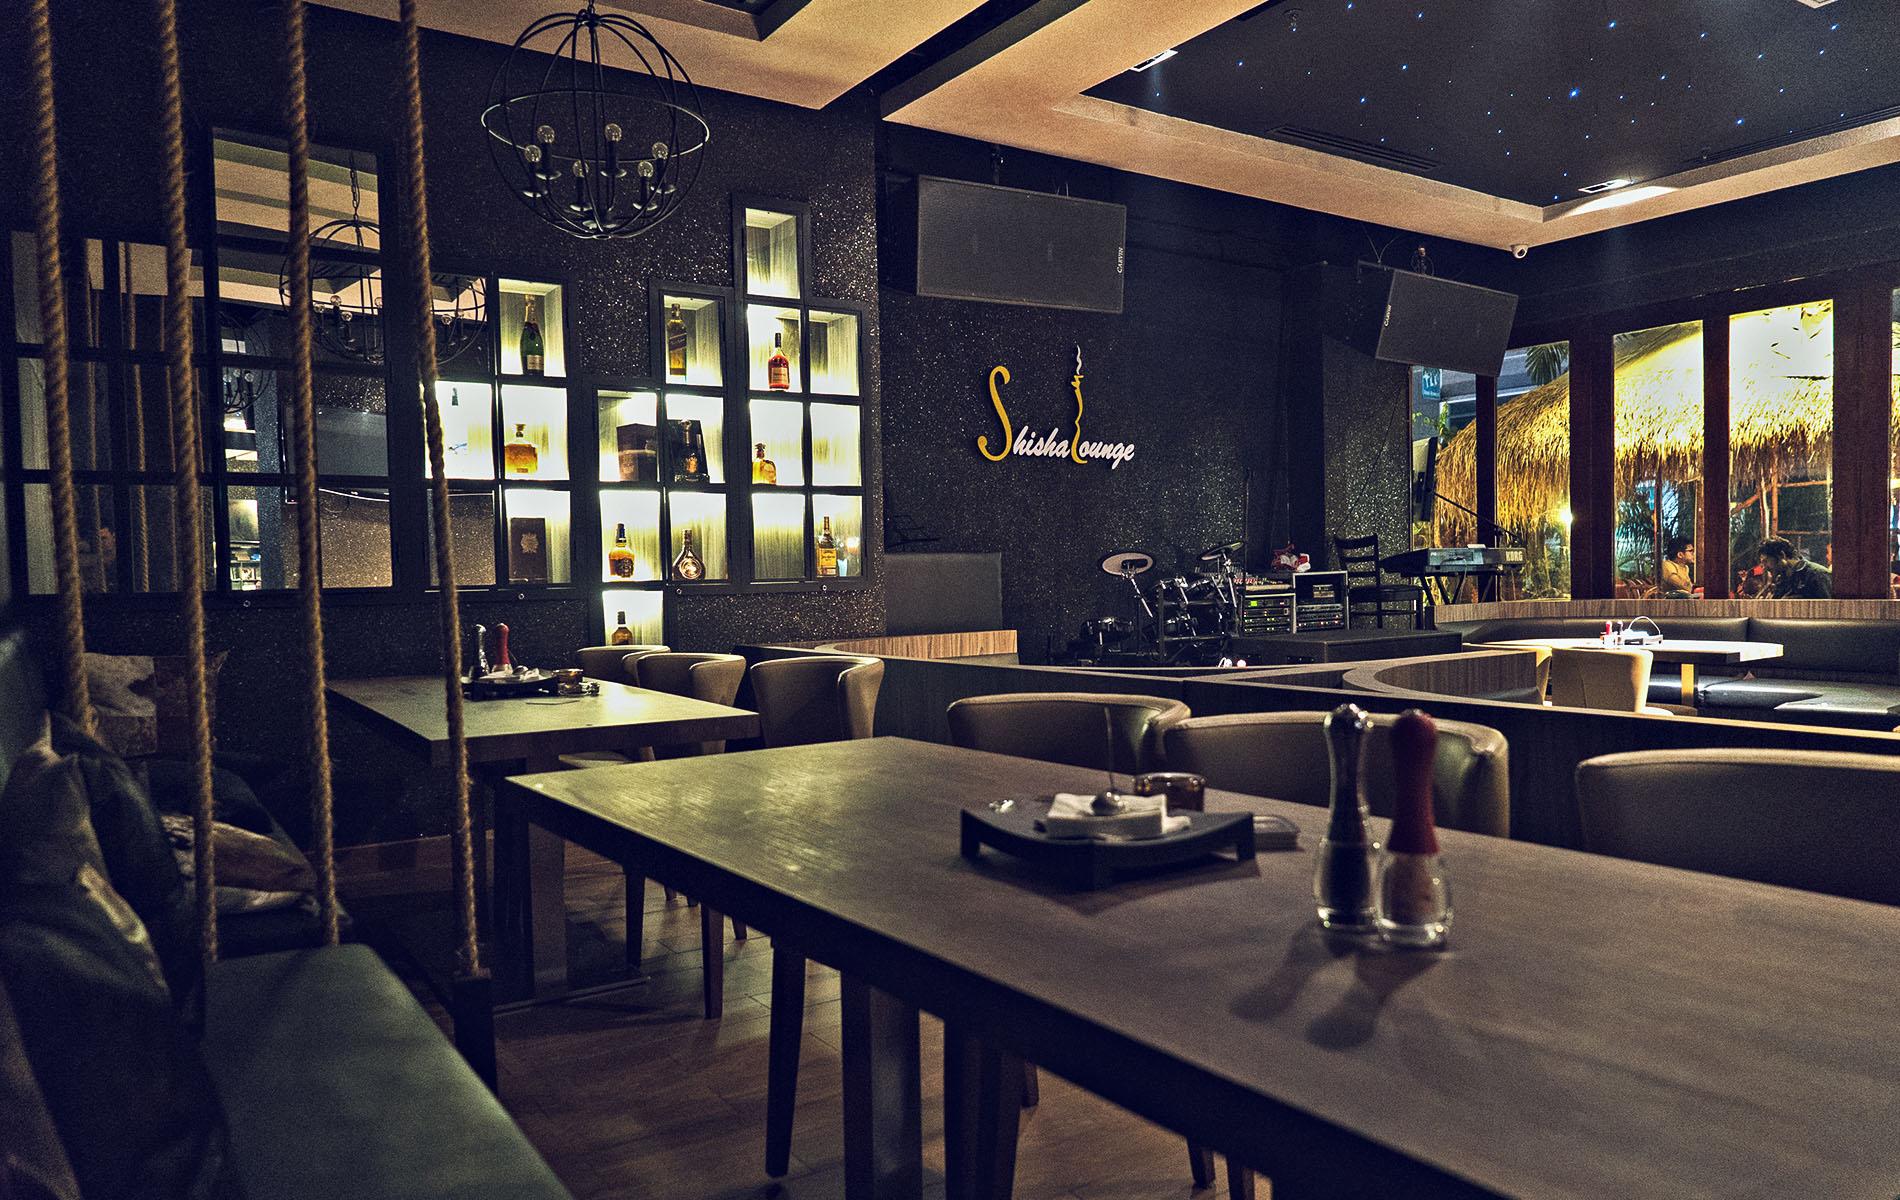 Shisha lounge bistro and cafe middle eastern and - Shisha bar lounge mobel ...